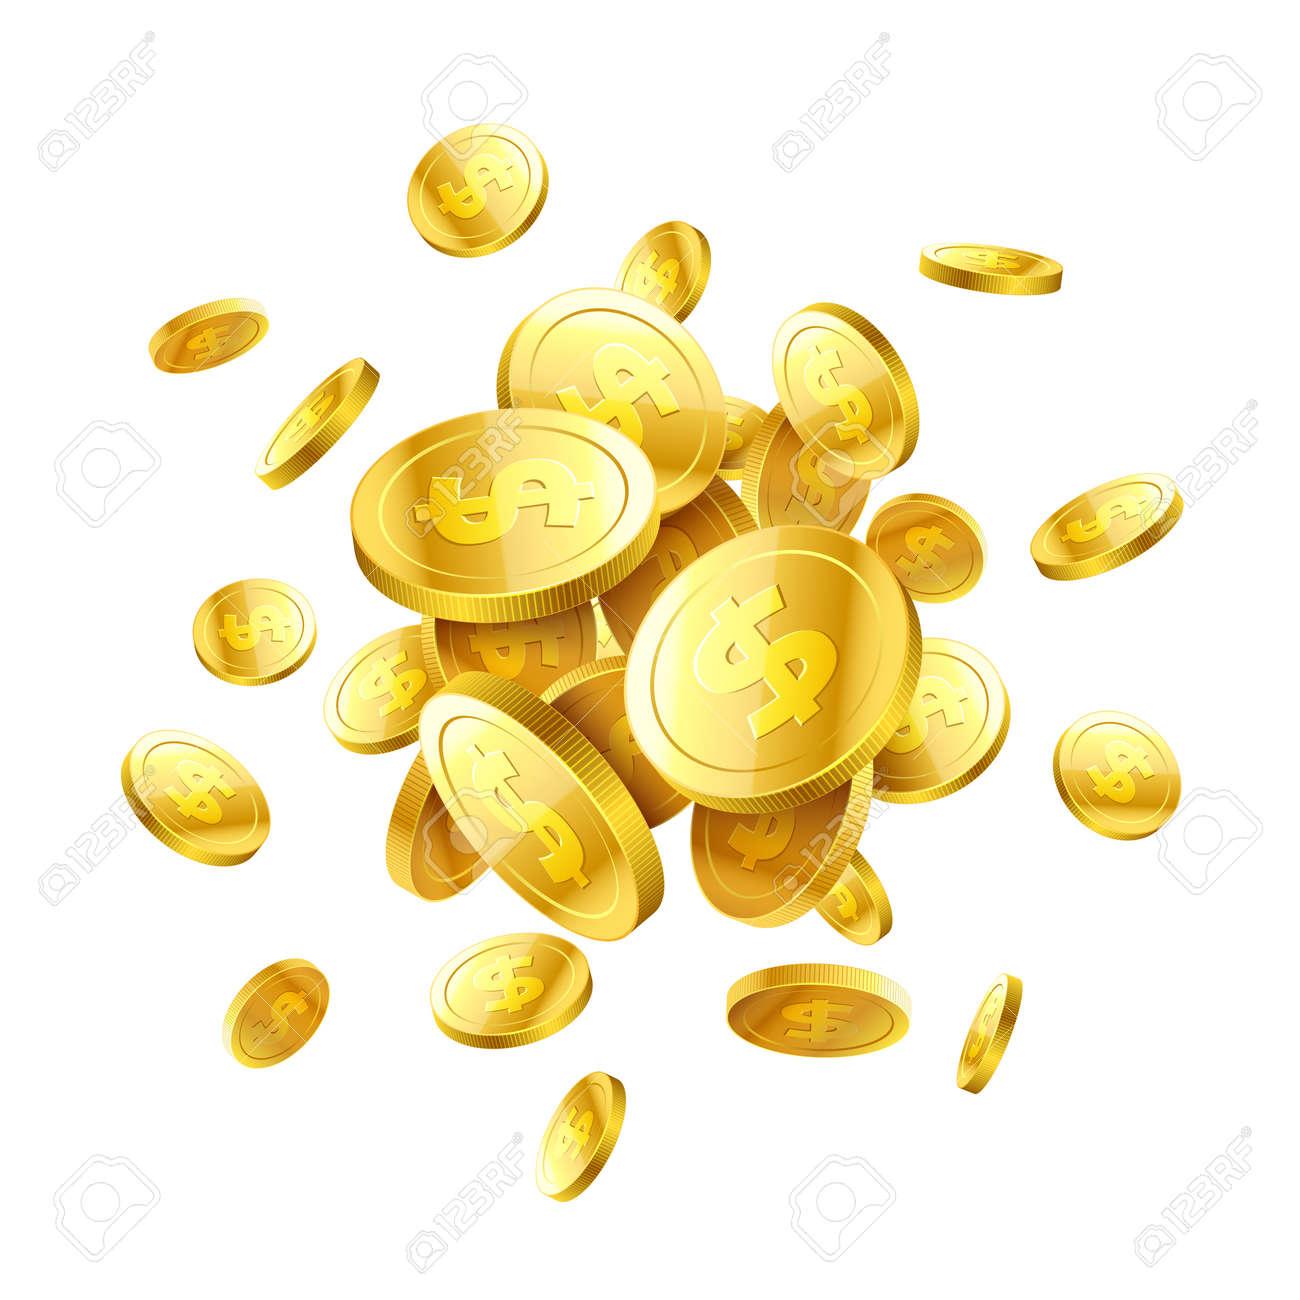 Gold 3d coins - 74405365